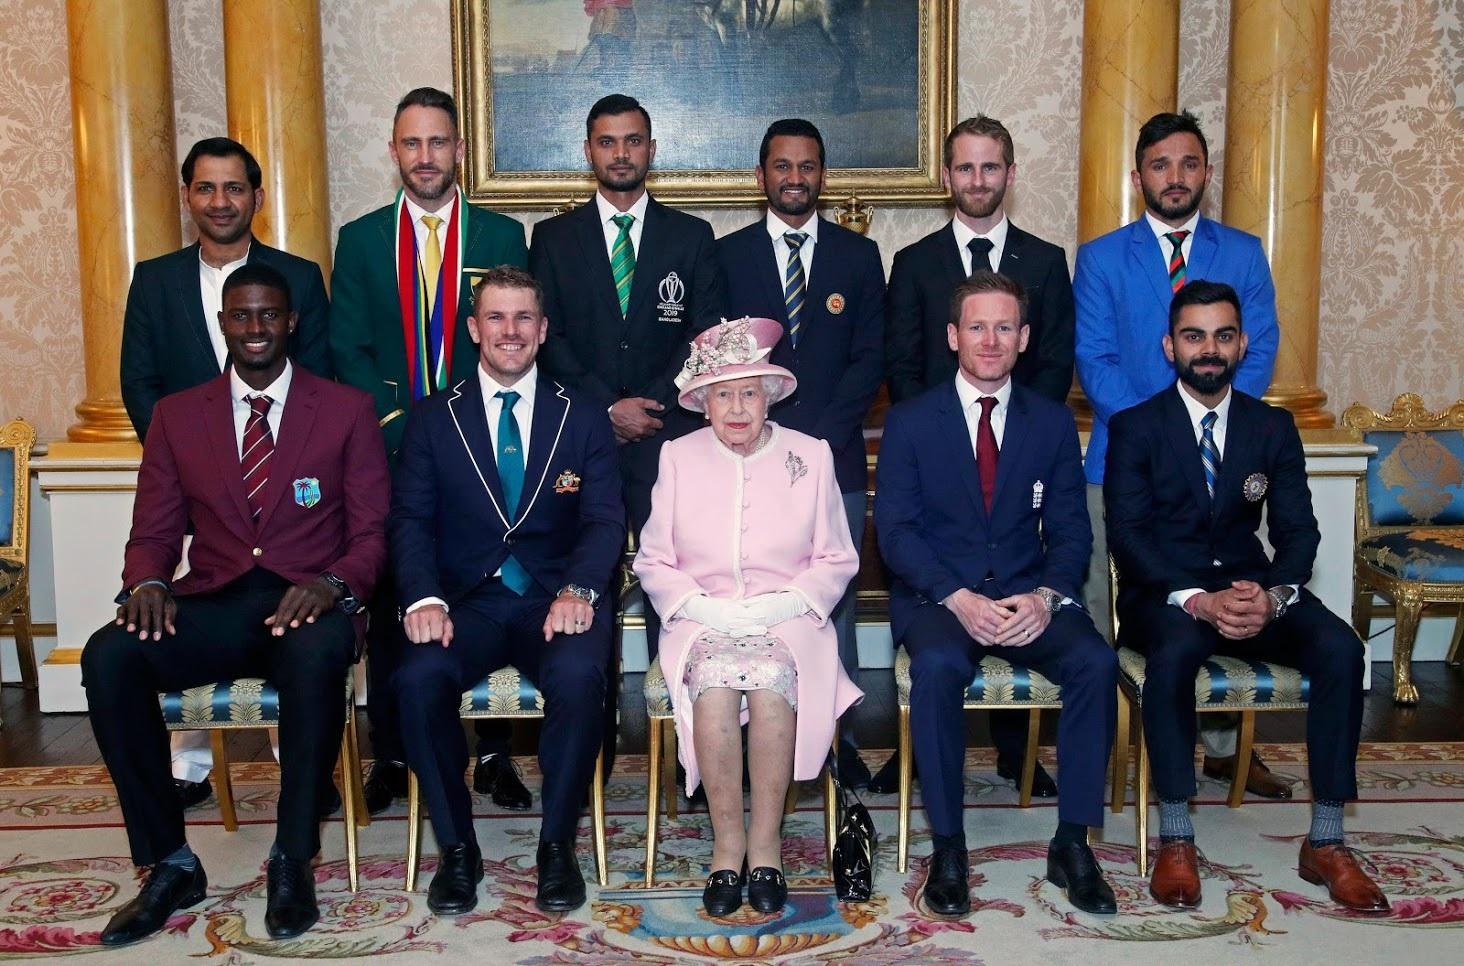 वर्ल्ड कप स्पर्धेत सहभागी संघांच्या कर्णधारांनी महाराणी एलिझाबेथ यांची भेट घेतली.